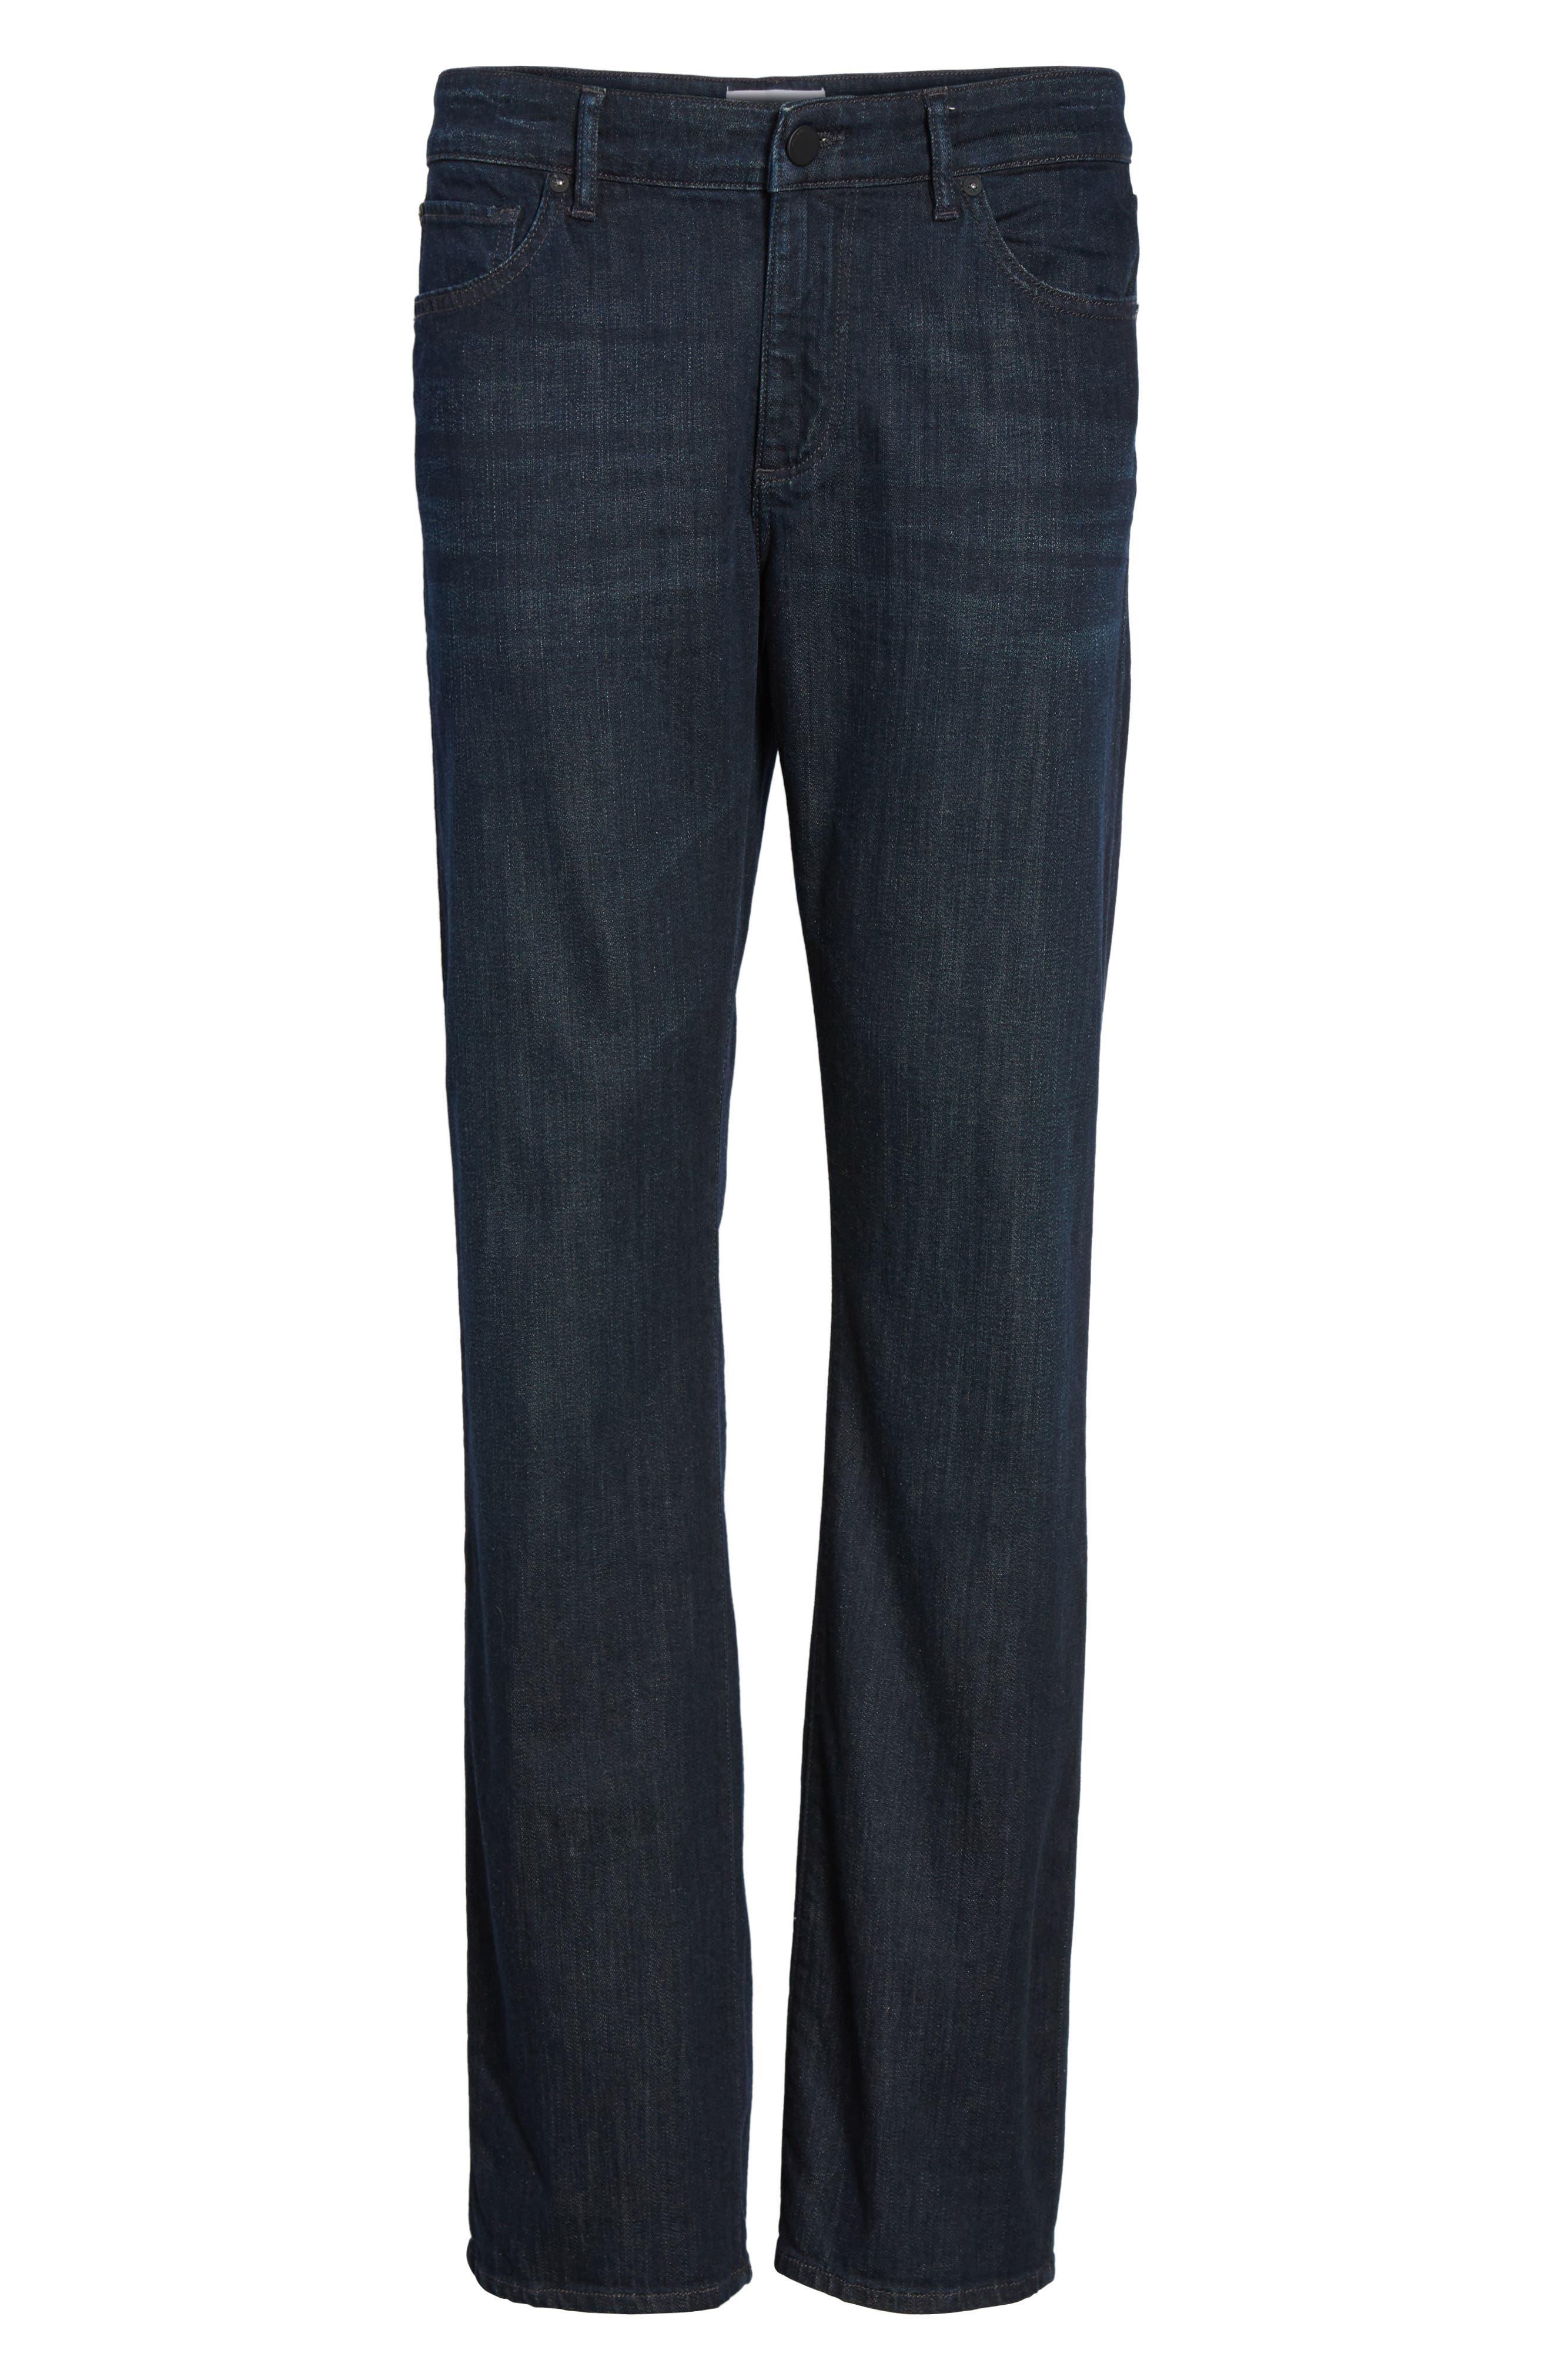 Avery Slim Straight Leg Jeans,                             Alternate thumbnail 6, color,                             426